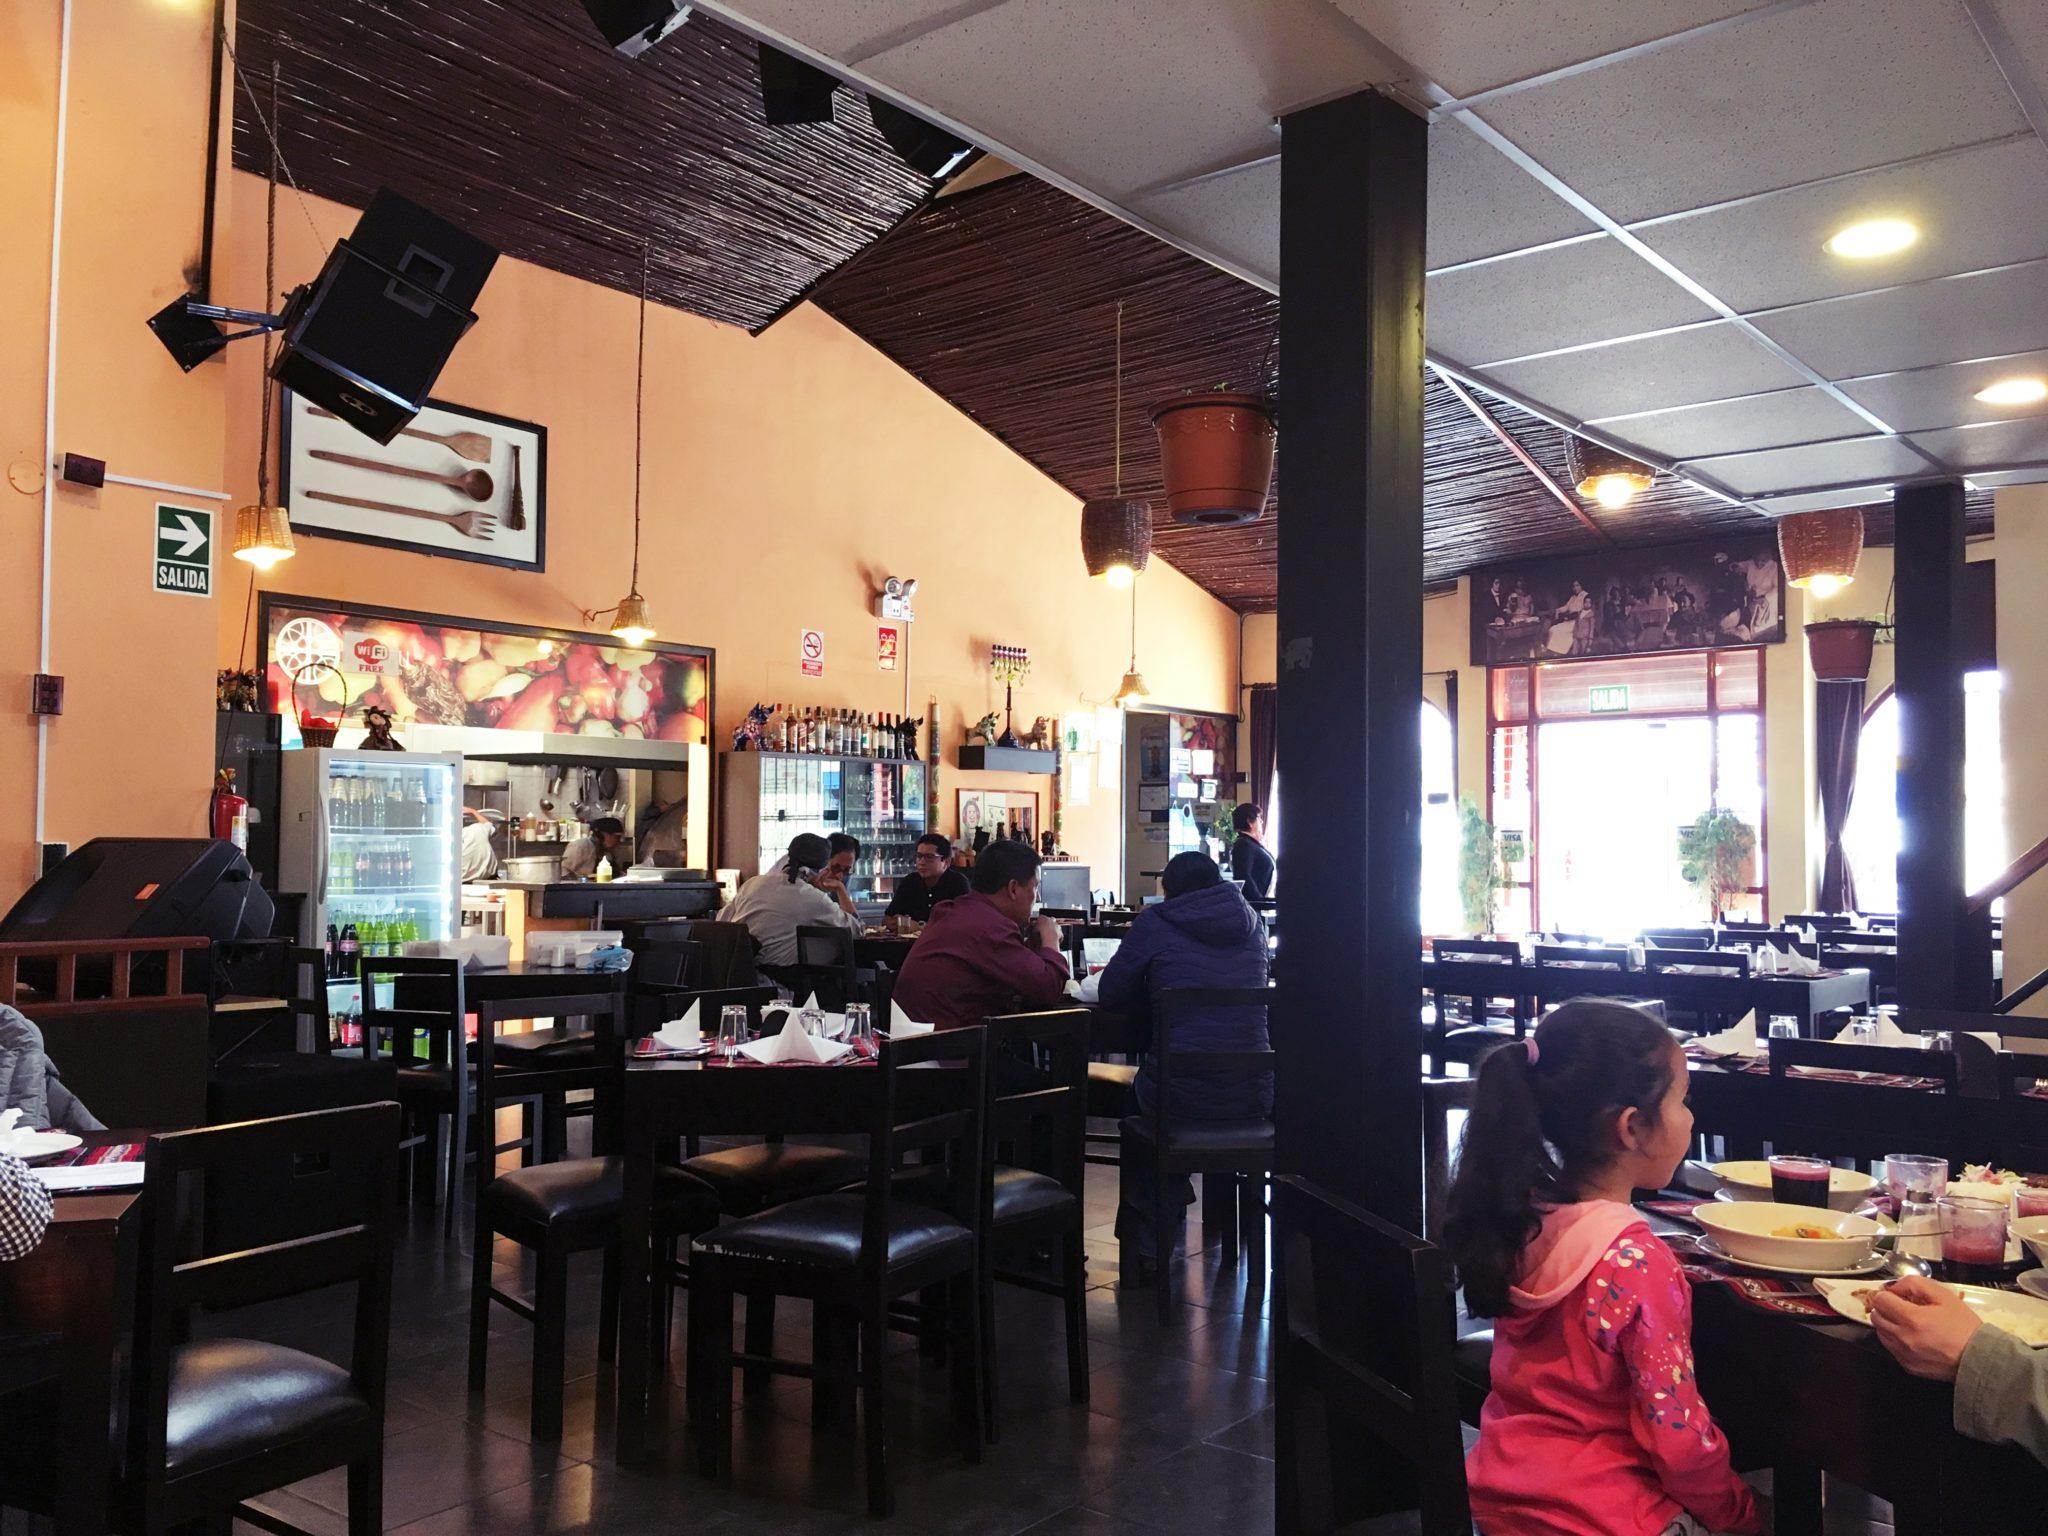 ペルー, クスコ, おすすめ, レストラン, 伝統, 料理, 音楽